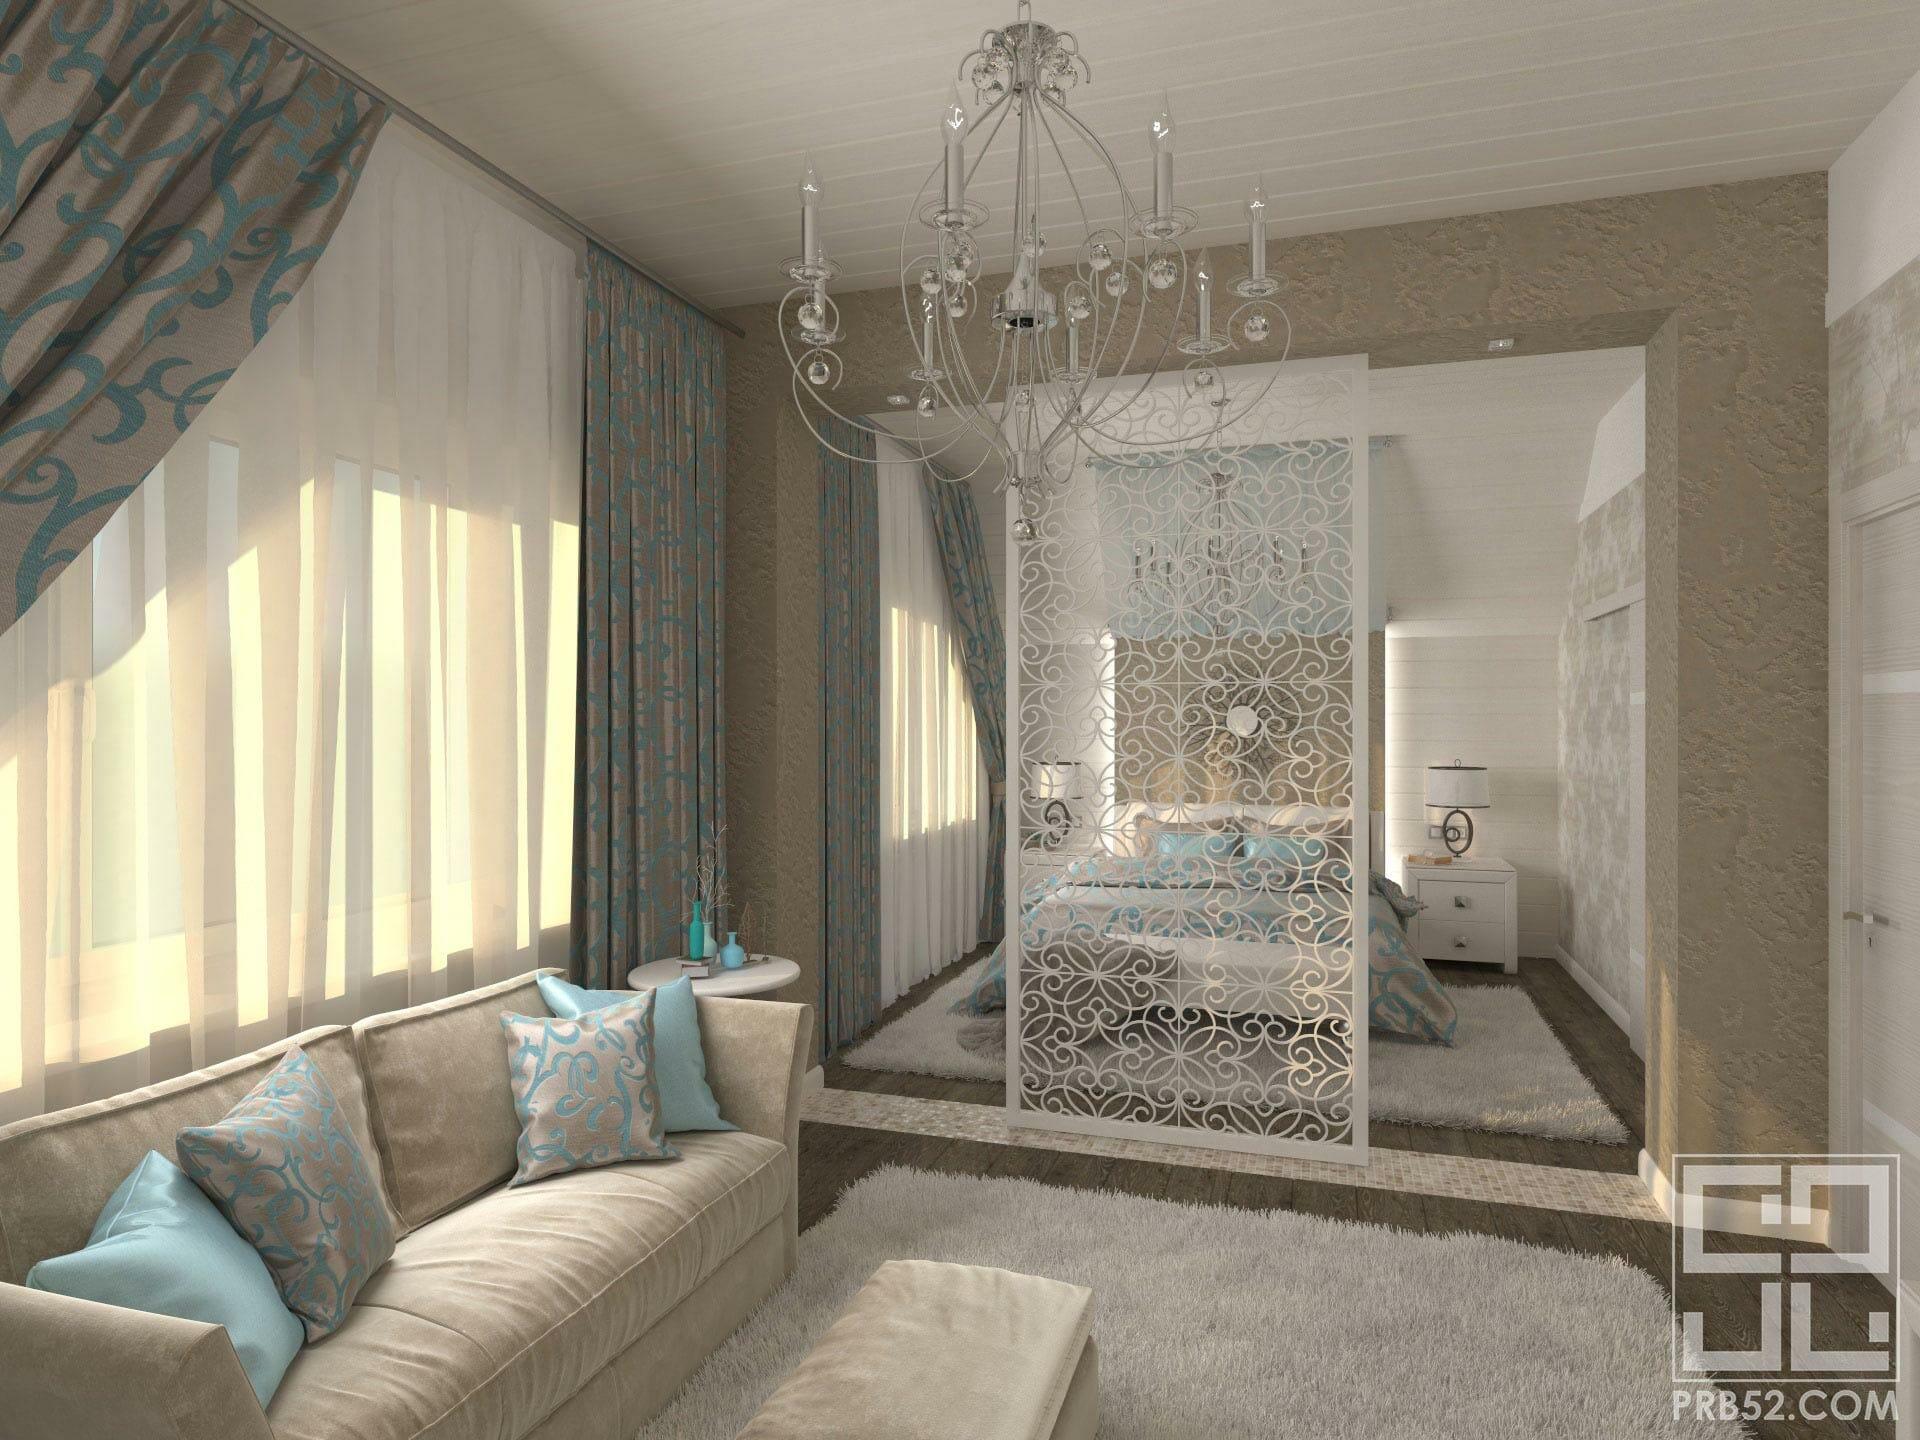 дизайн интерьера спальня воздушная перегородка